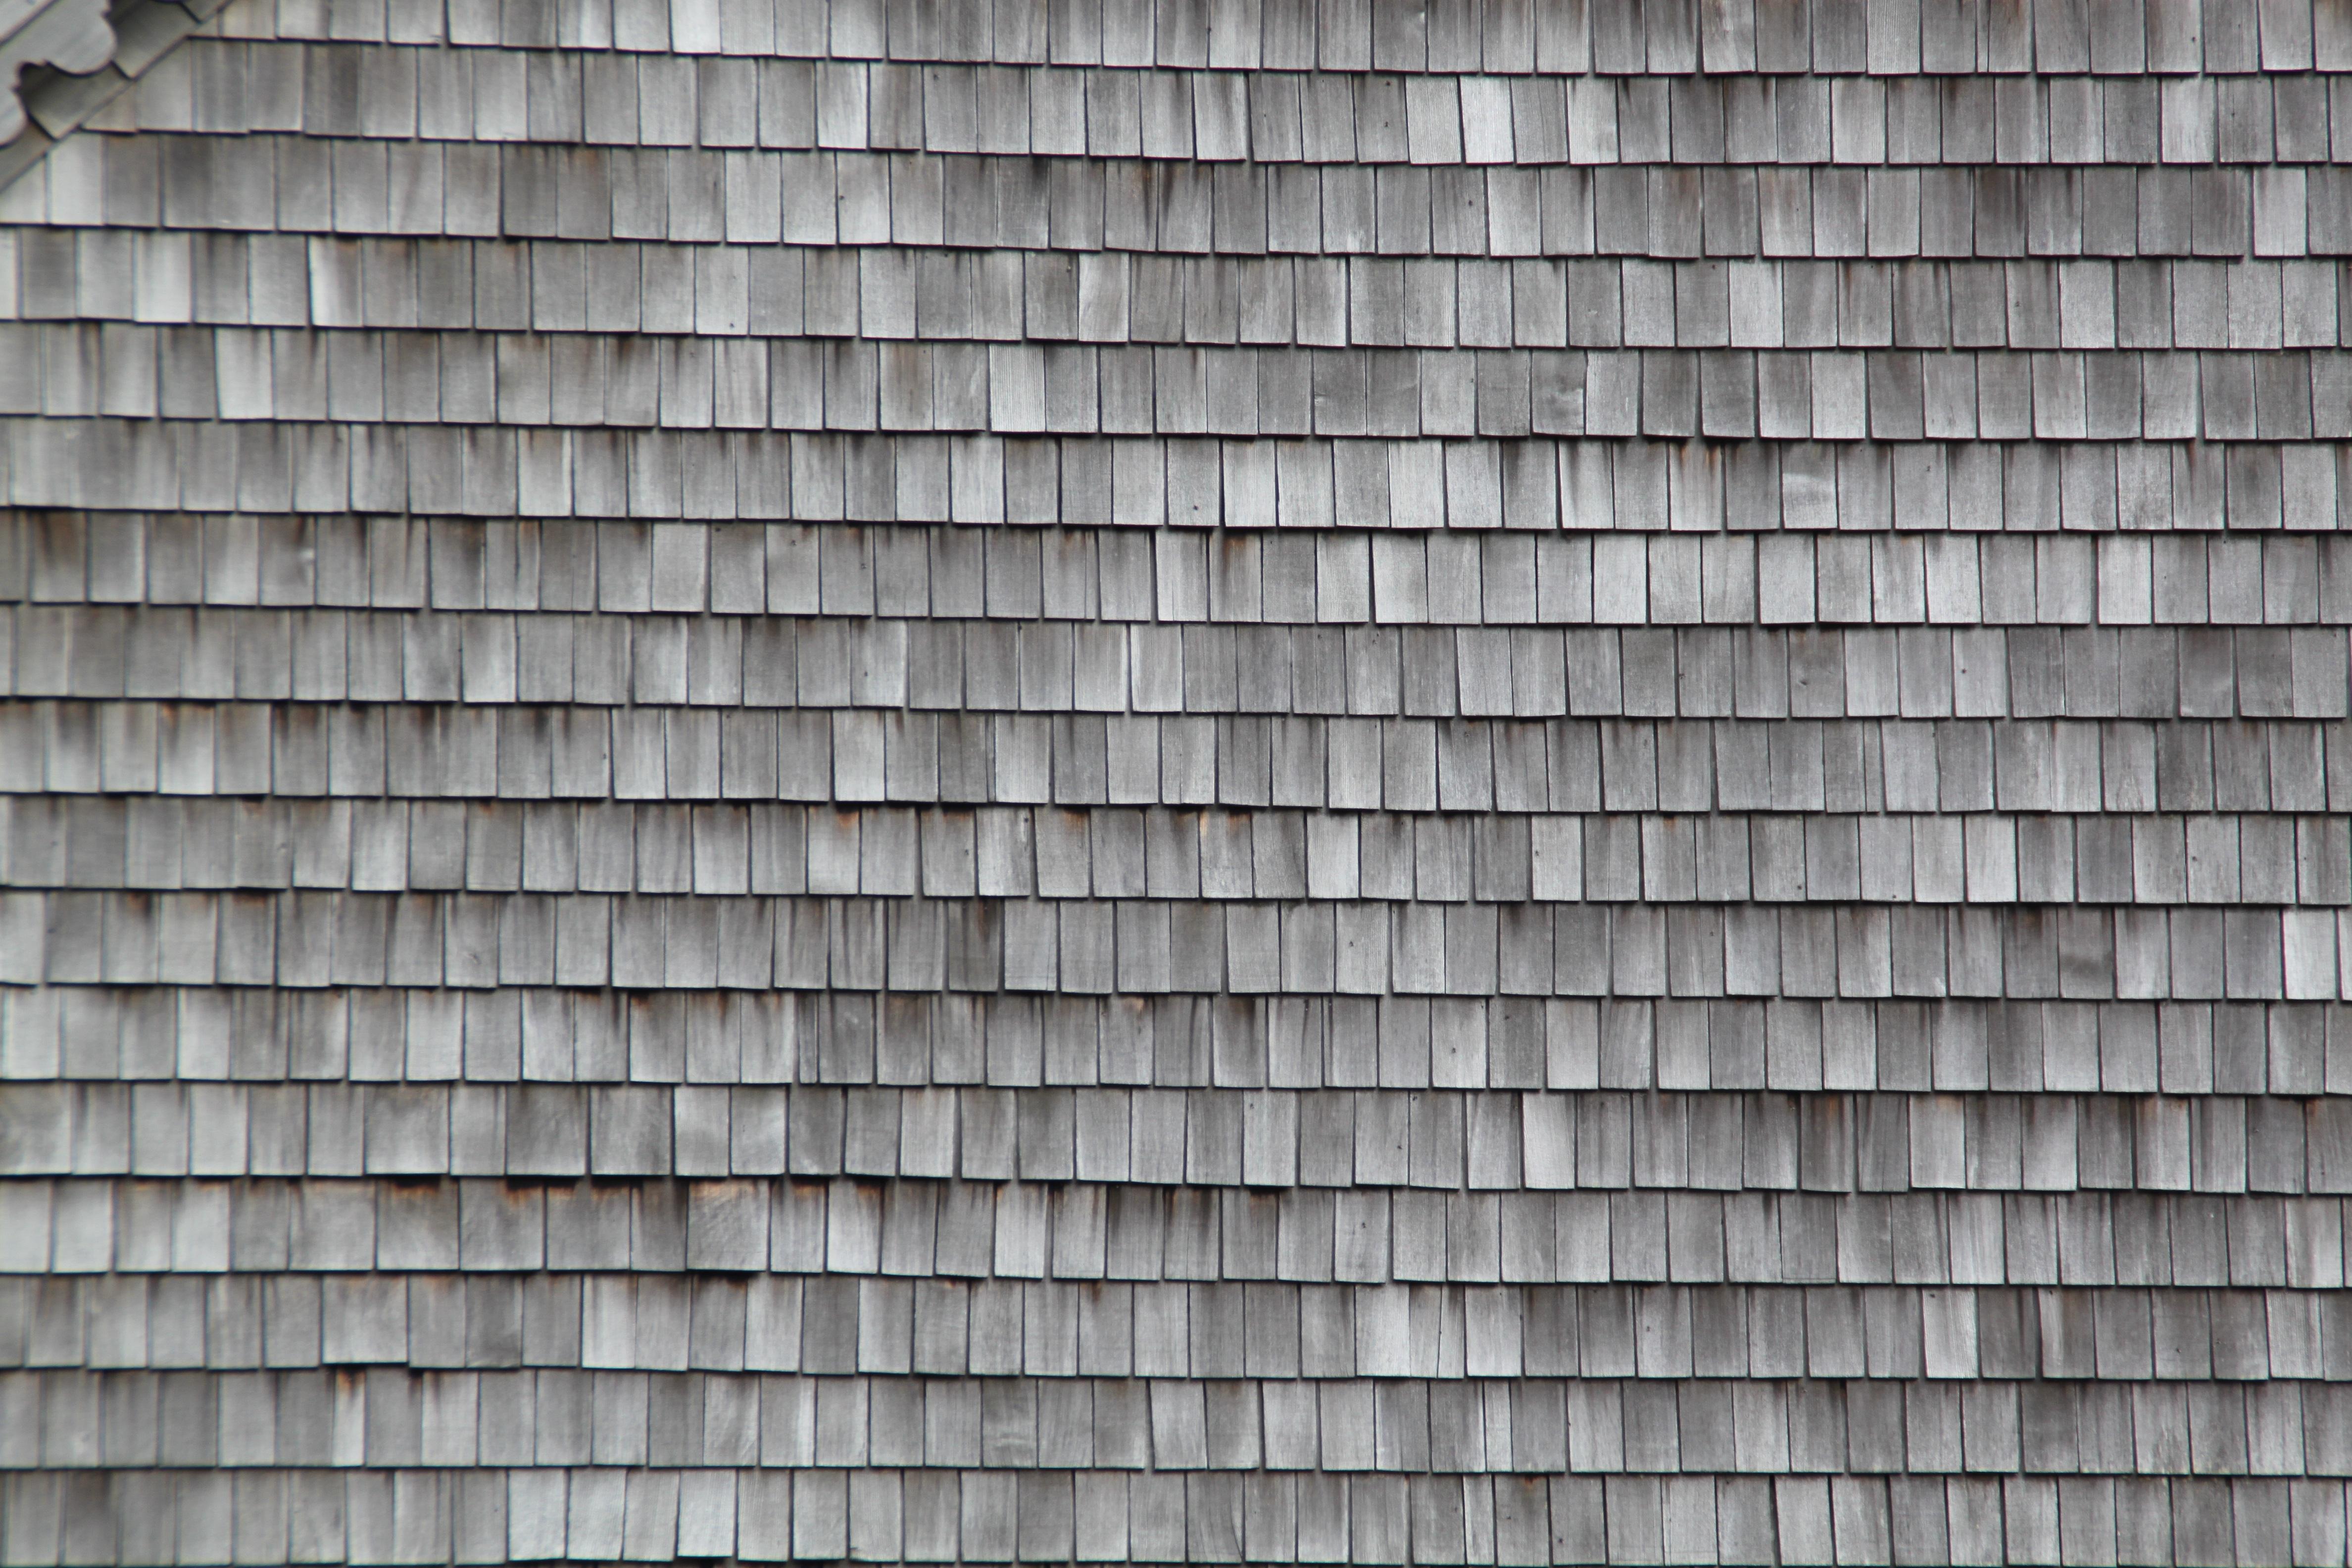 무료 이미지 목재 무늬 선 정면 자료 인테리어 디자인 조약돌 배경 벽돌 세공 패널